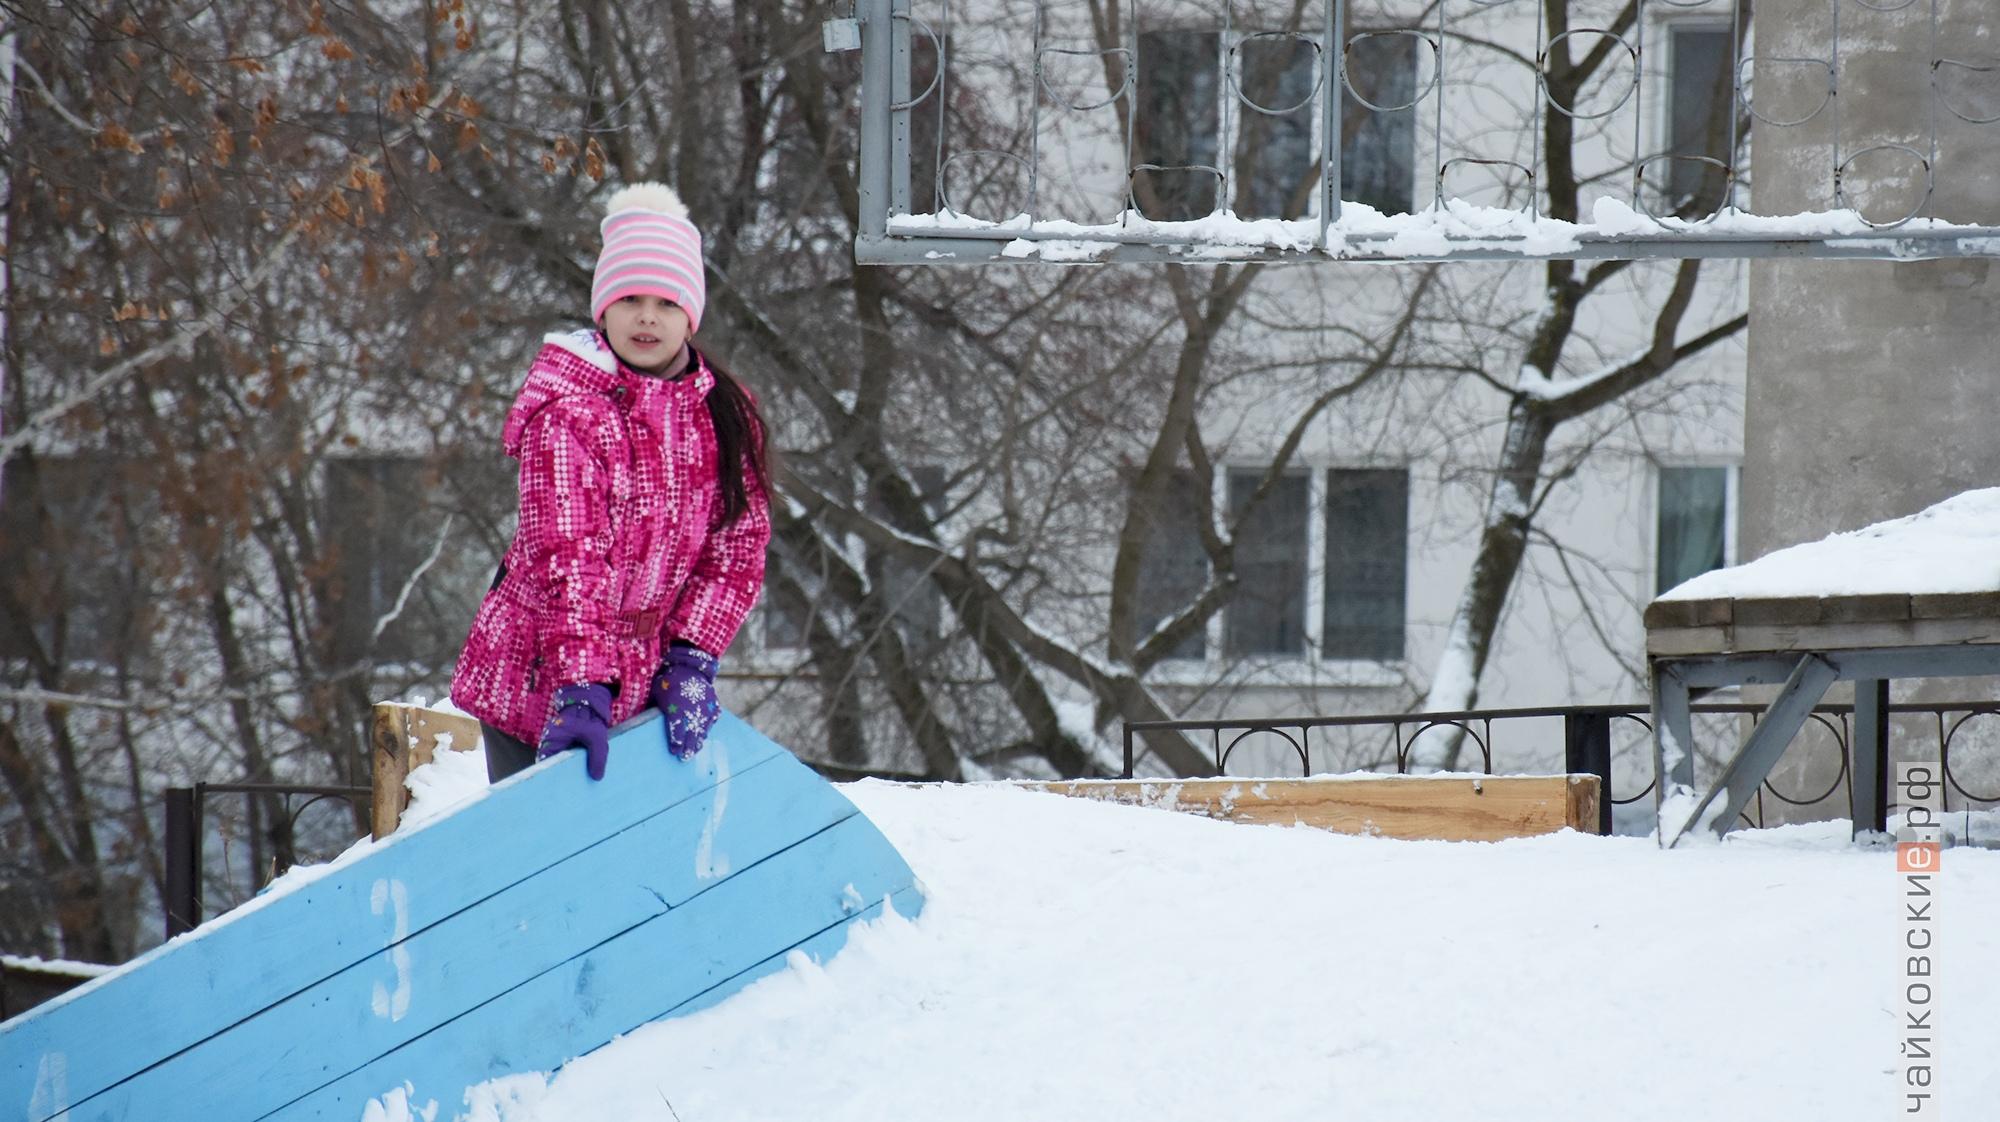 прыжки с трамплина, рождественская снежинка, чайковский район, 2020 год